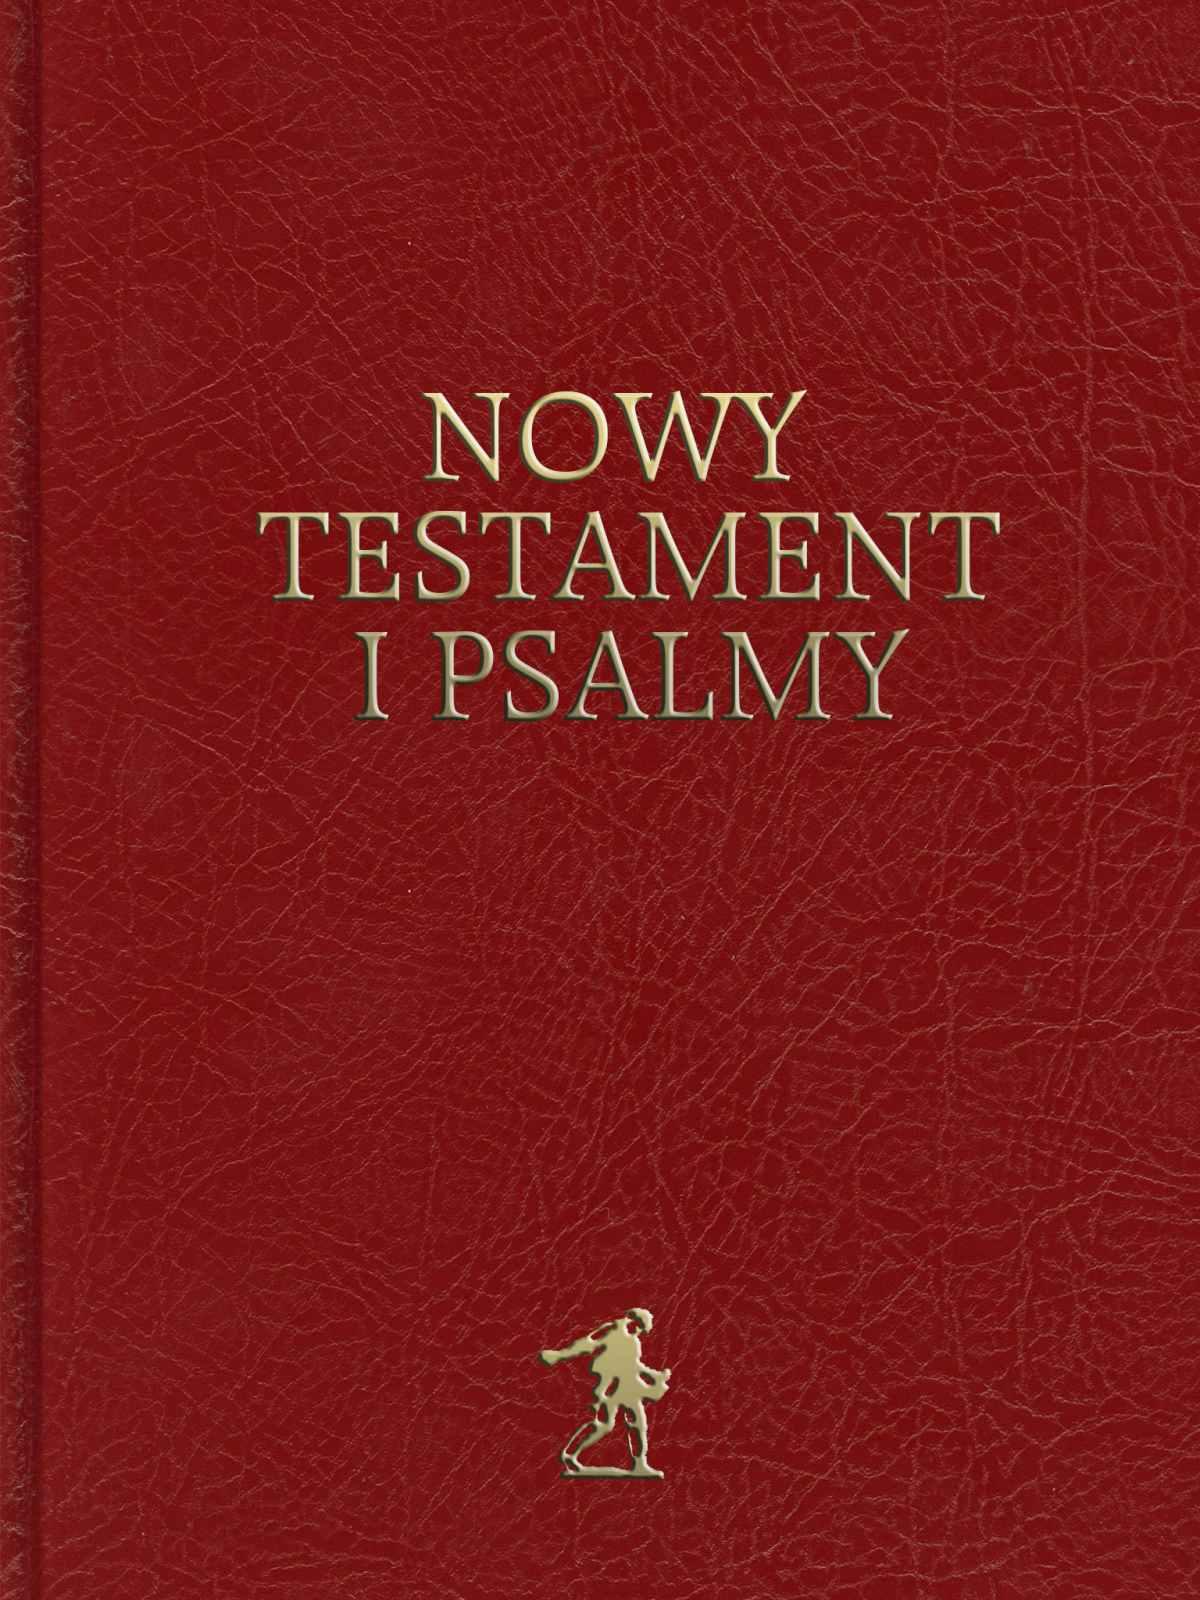 Nowy Testament i Psalmy - Ebook (Książka na Kindle) do pobrania w formacie MOBI